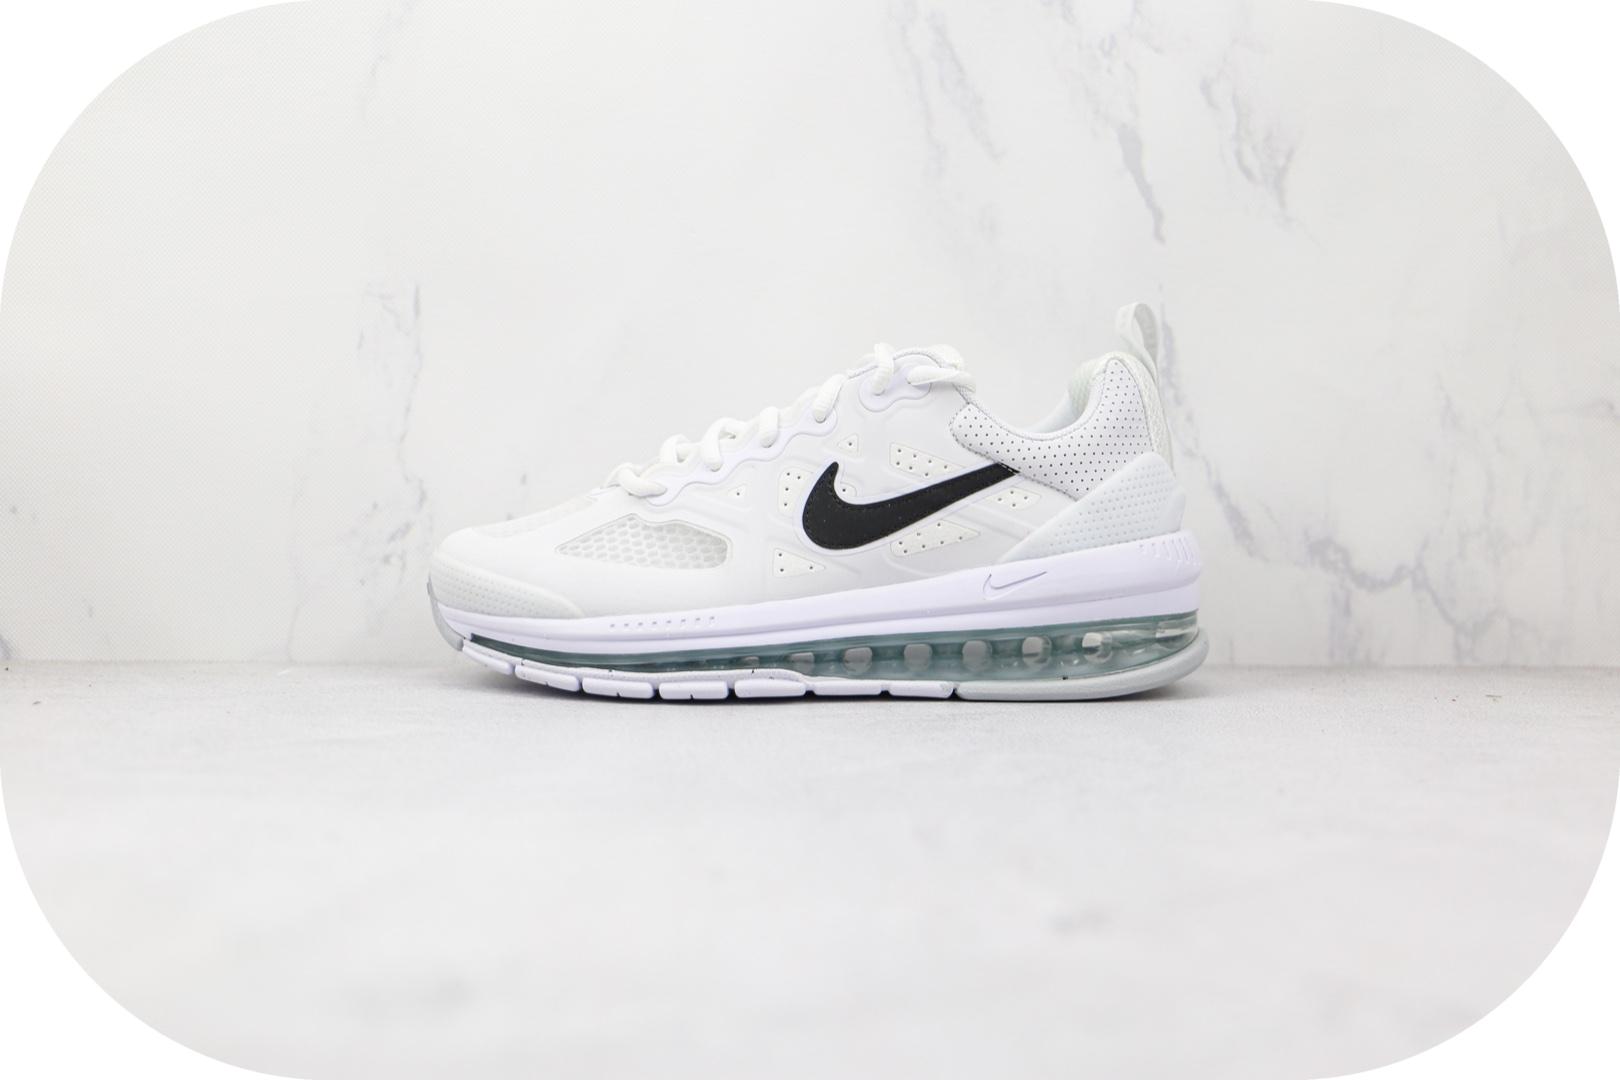 耐克Nike Air Max Genome纯原版本白黑色Genome气垫鞋原楦头纸板打造 货号:CW1648-100